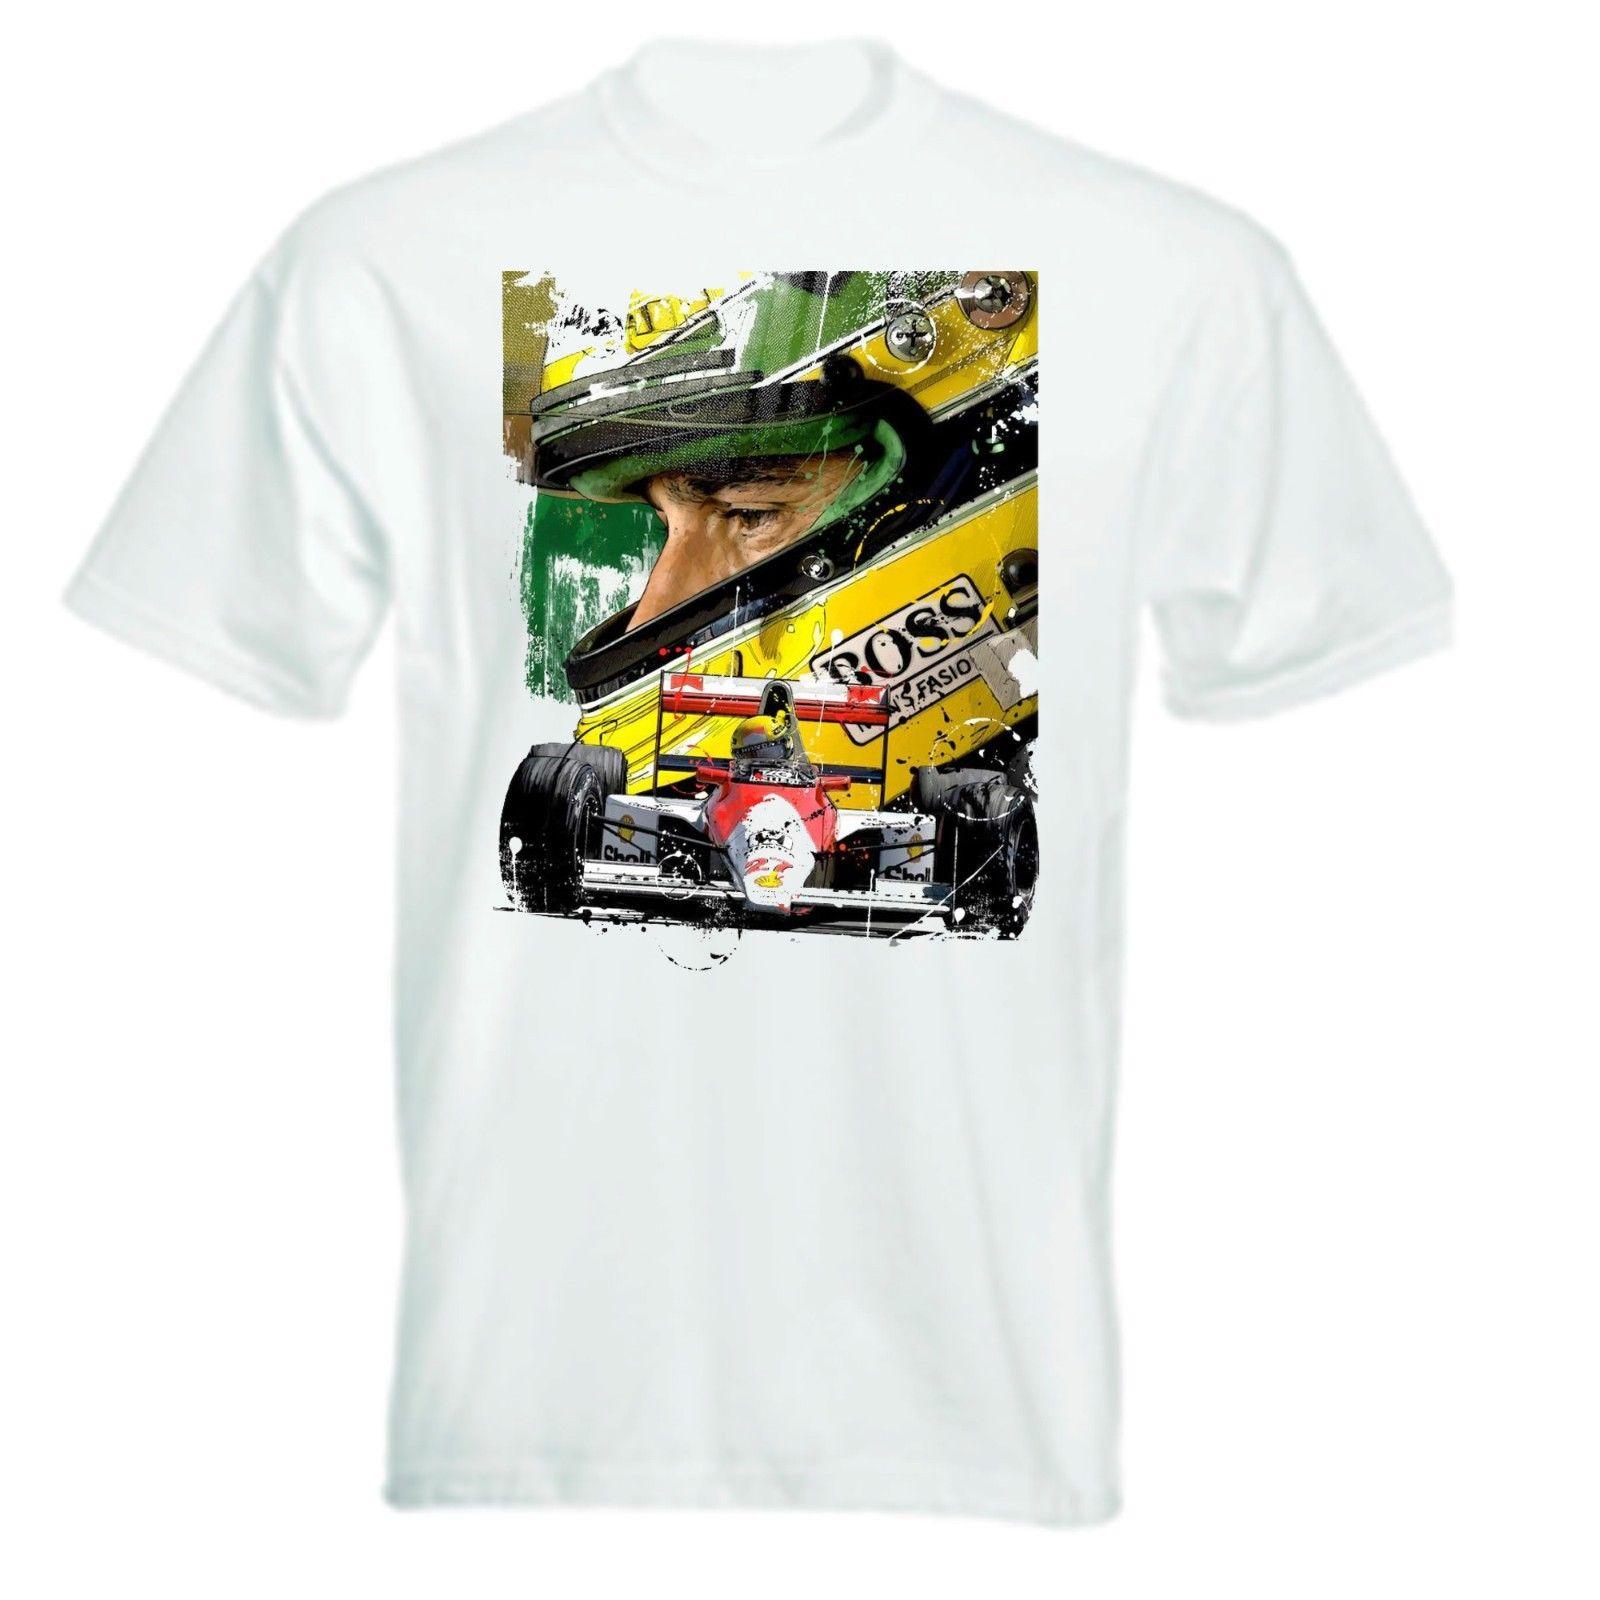 ayrton-camiseta-con-estampado-de-senna-para-hombre-ropa-divertida-de-marca-camiseta-de-algodon-con-bateria-tops-basicos